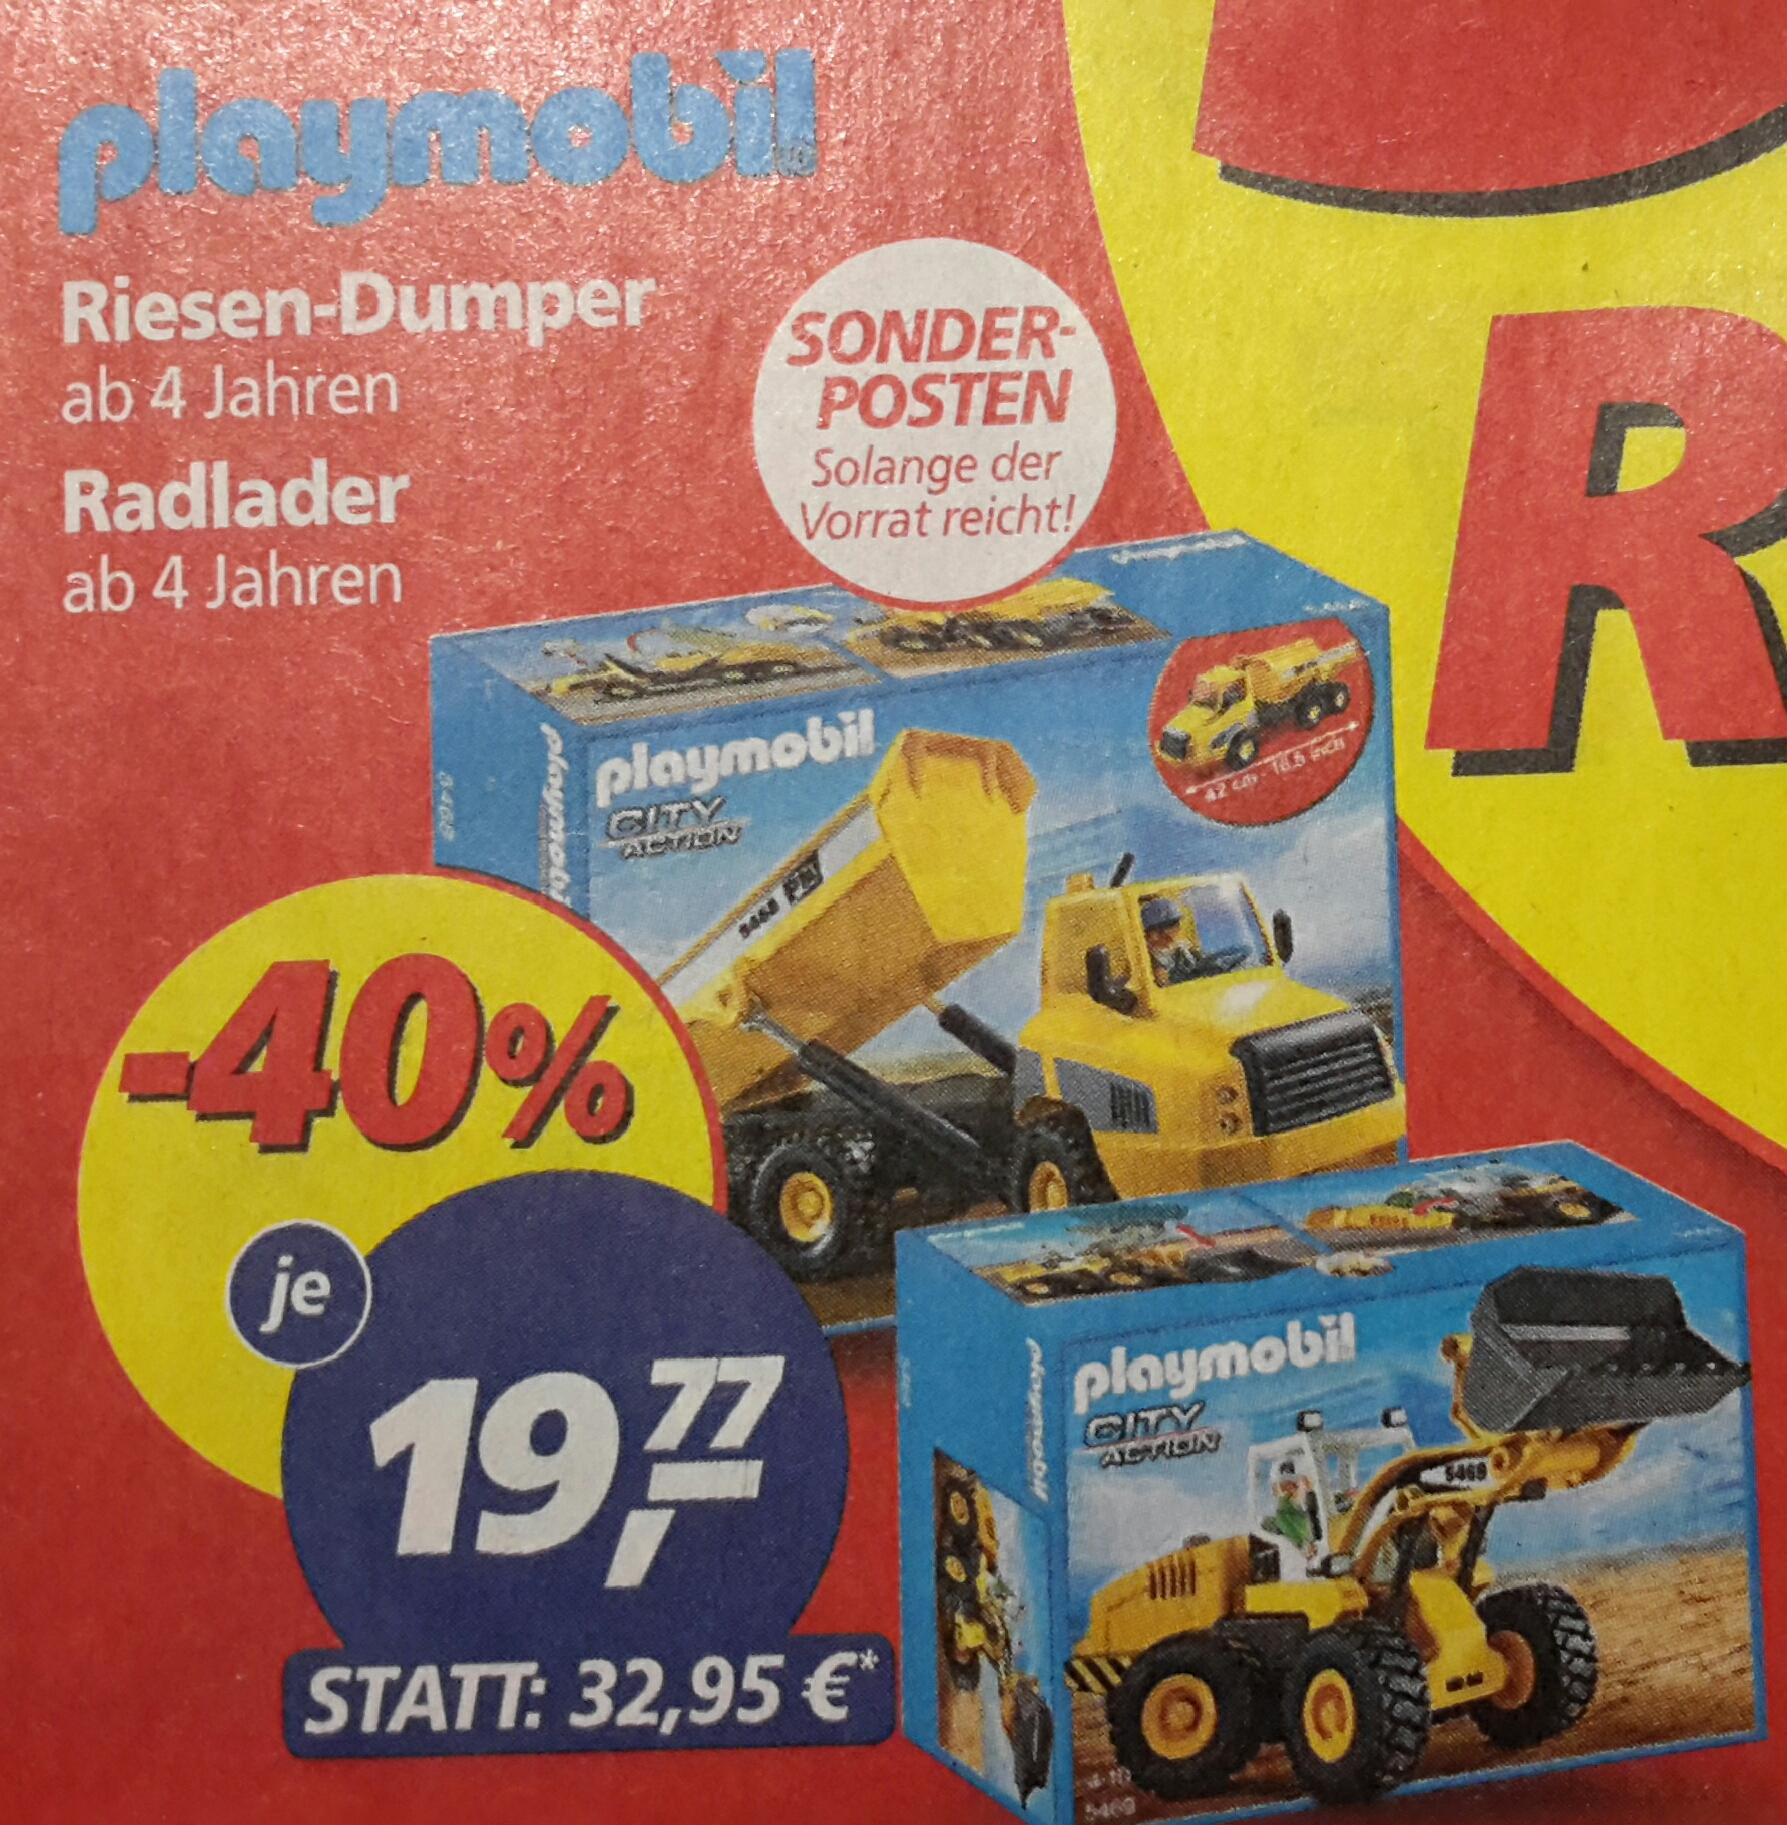 [Real on- und offline] Playmobil Radlader und Riesen-Dumper für je 19,77 € ab 20.03.17